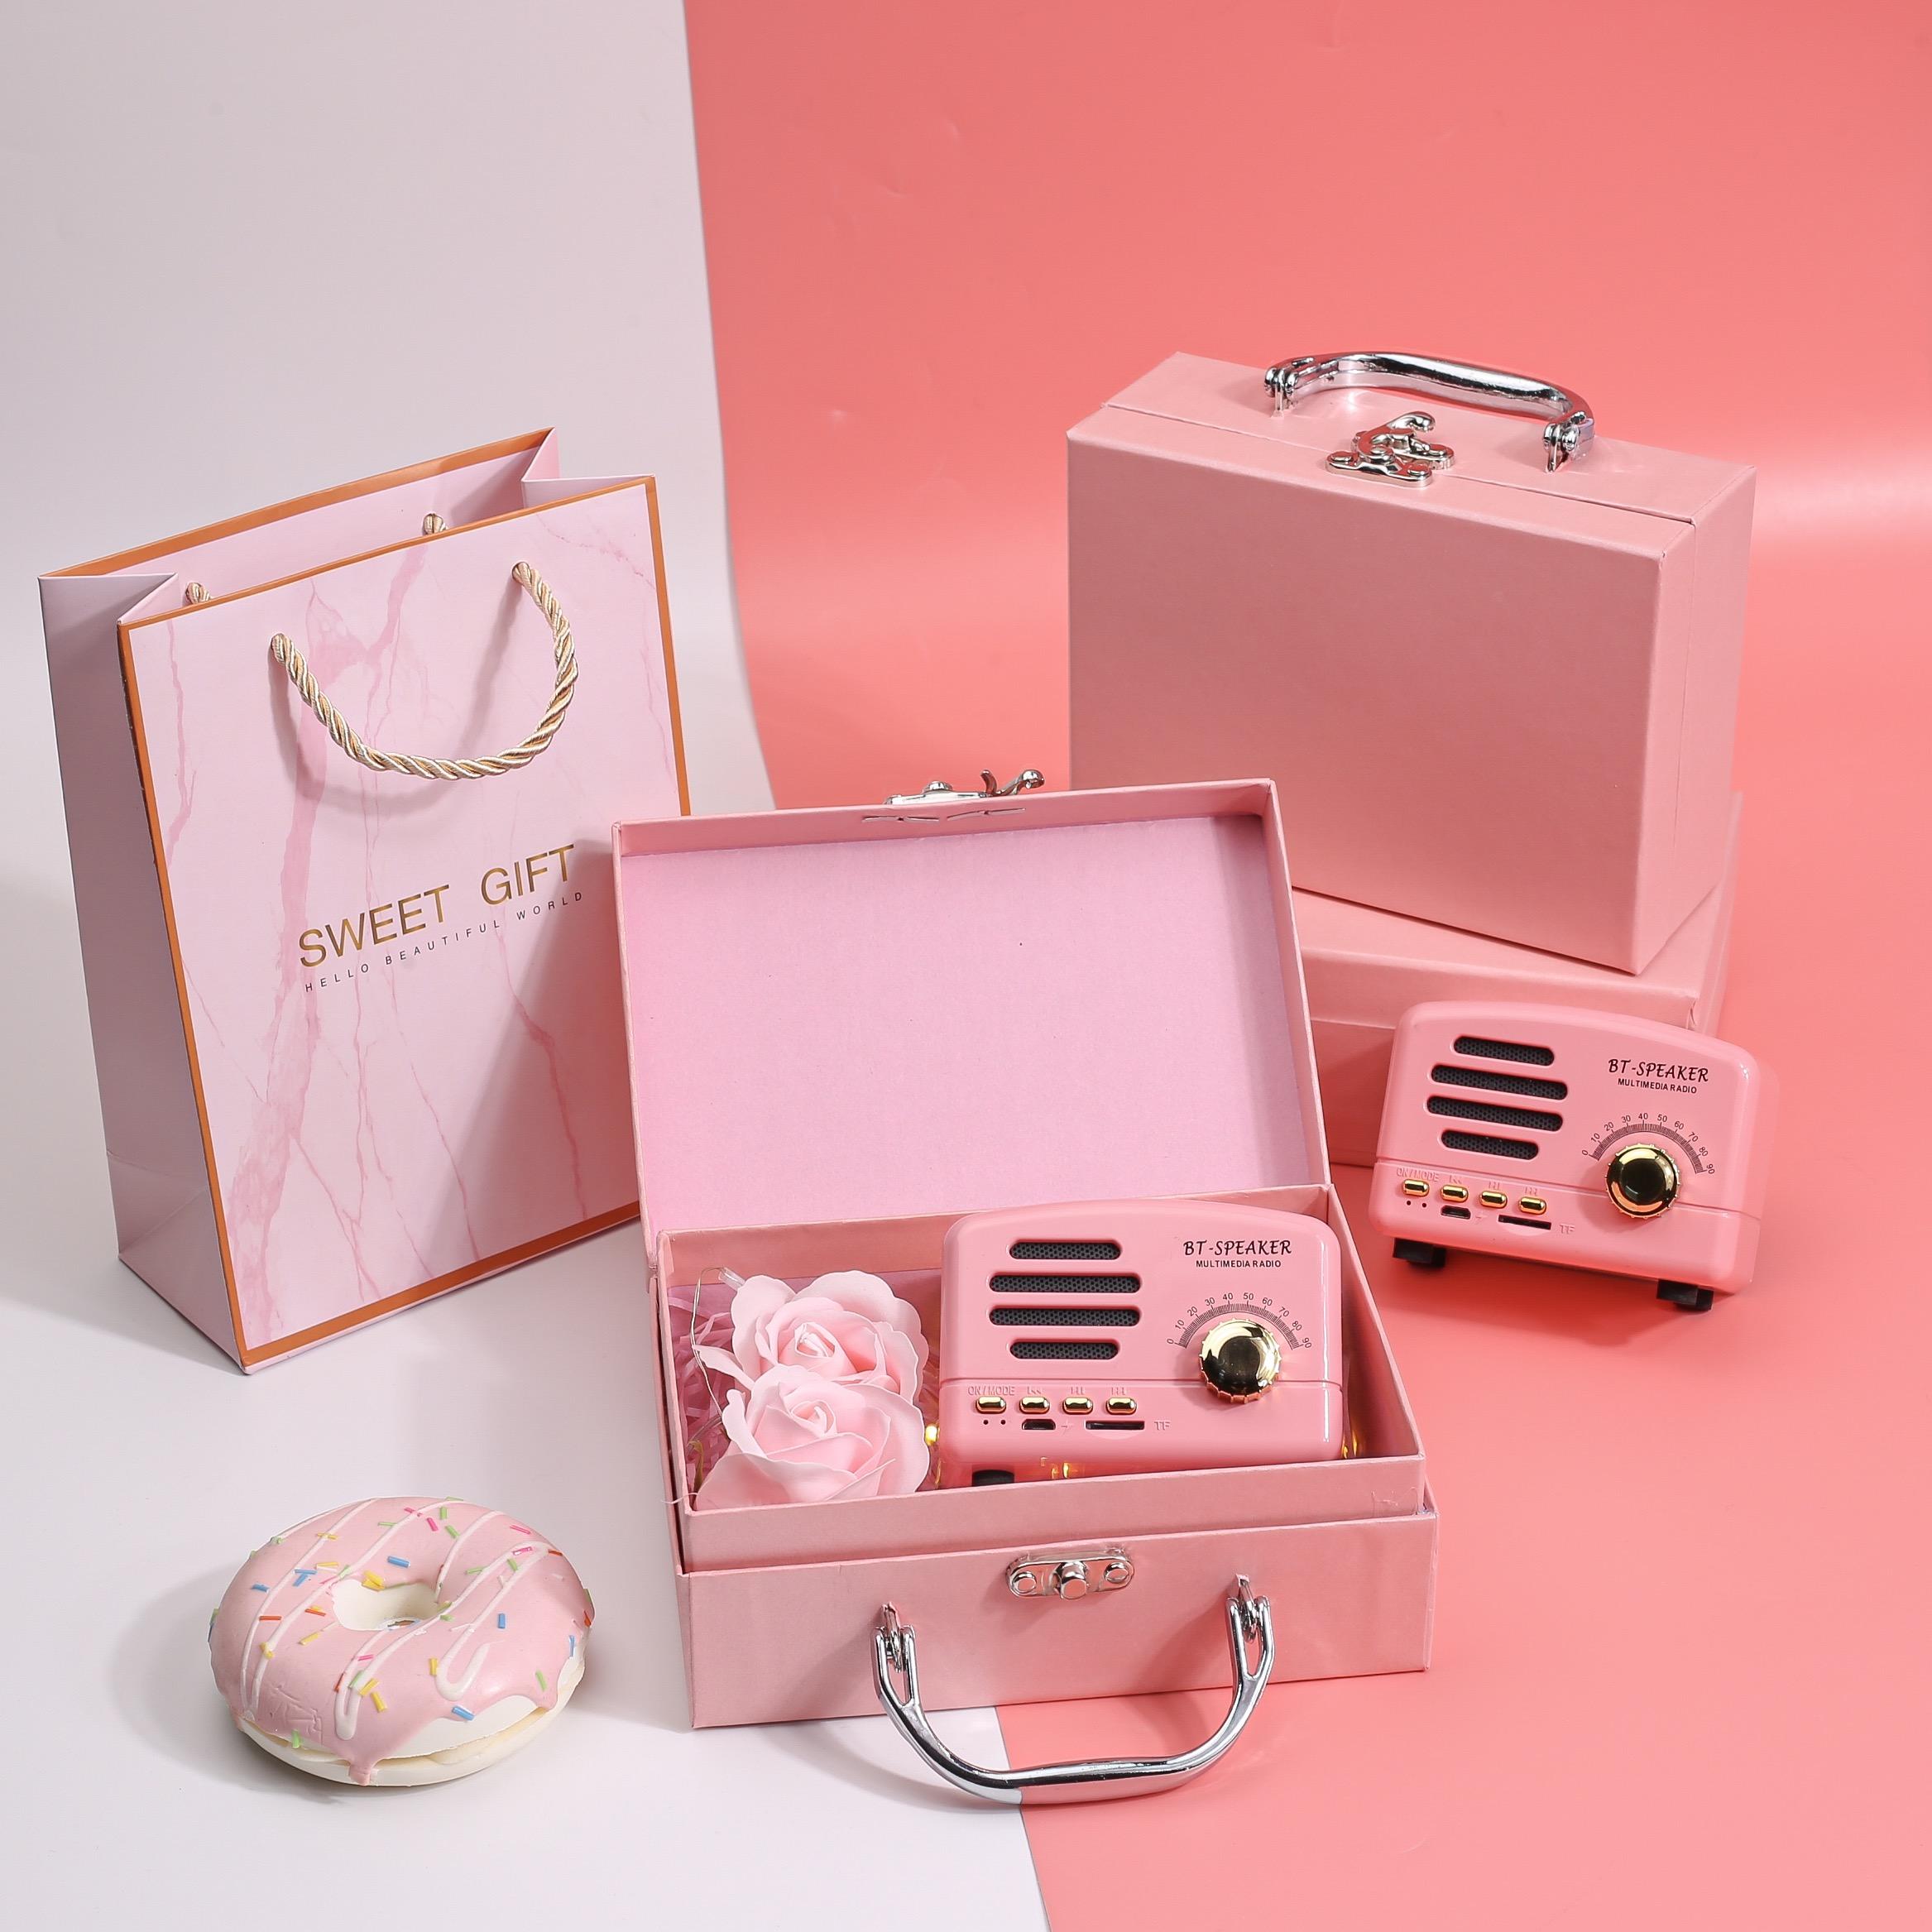 少女心杂货店的成年高级感闺蜜生日礼物18岁送给女生实用创意特别